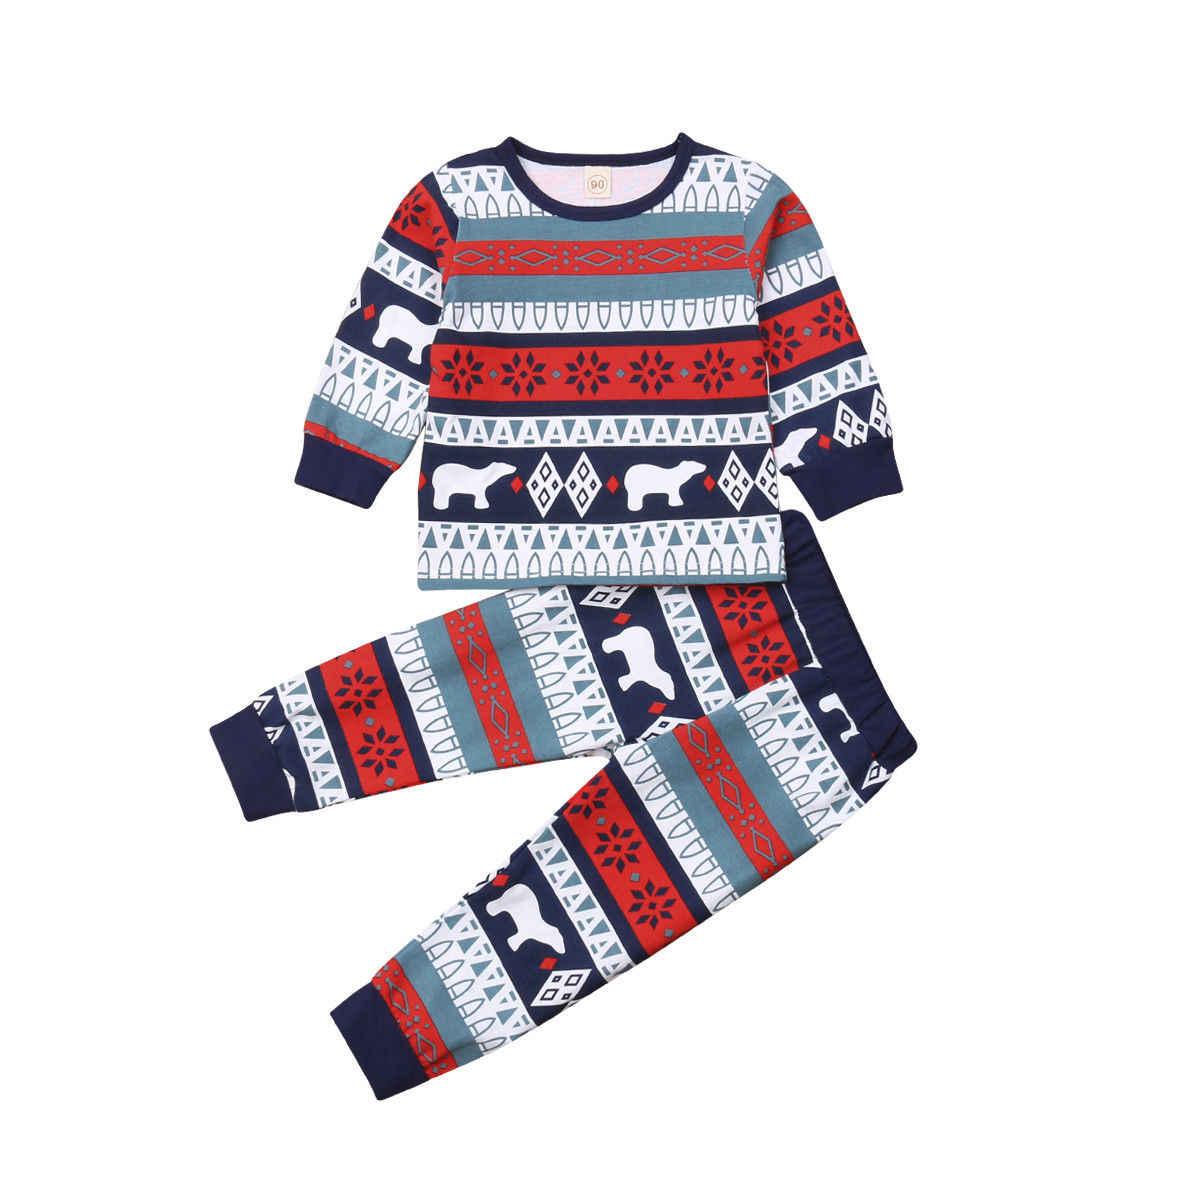 คริสต์มาสครอบครัวชุดนอนชุดเสื้อผ้าผู้ใหญ่เด็กชุดนอนชุดนอนชุดนอน Xmas Pjs เสื้อผ้าชุด